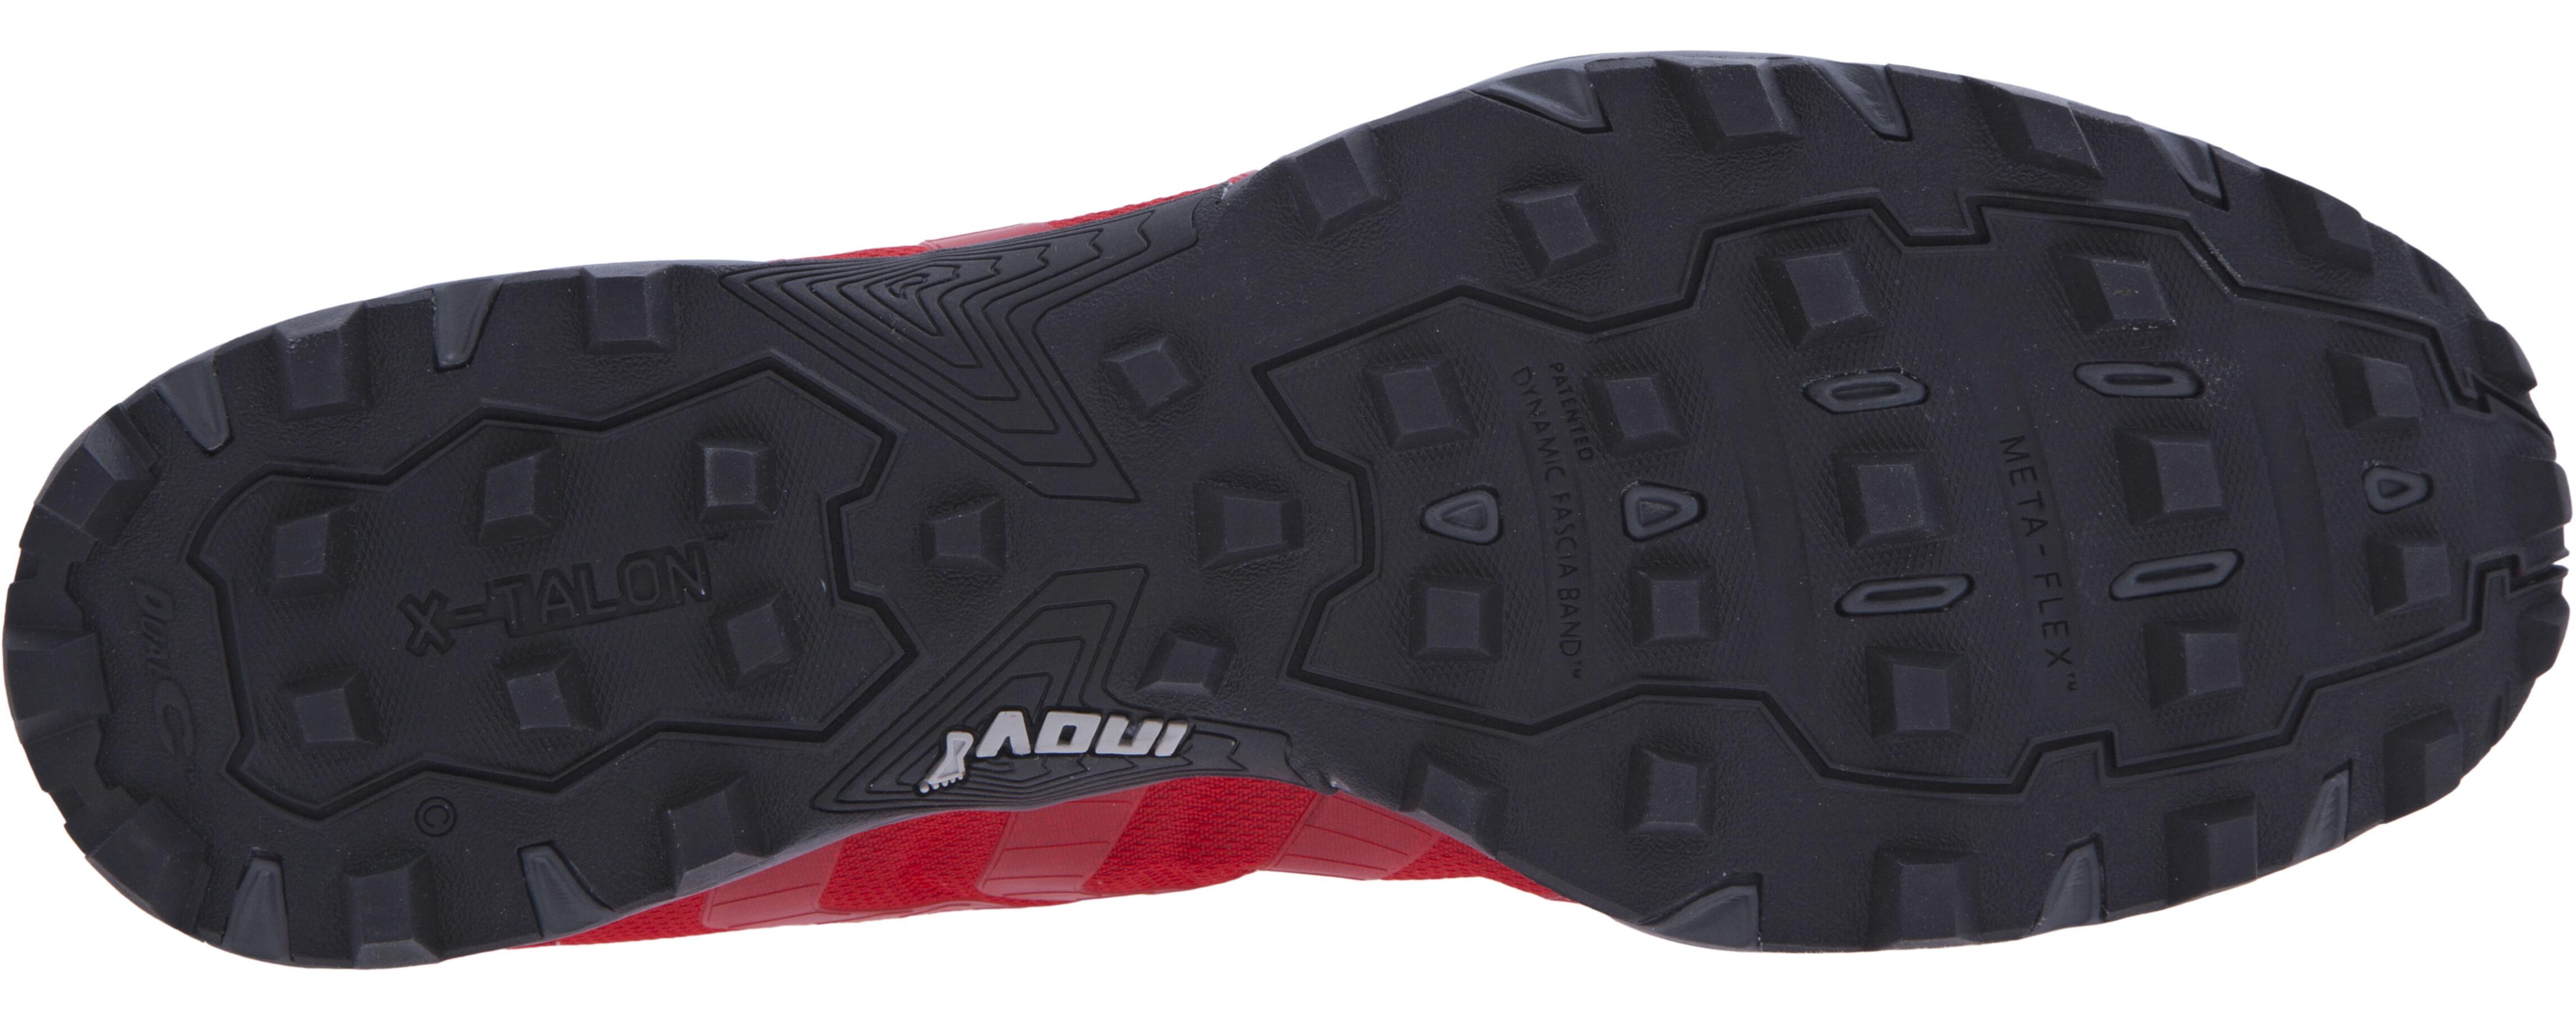 inov-8 X-Talon 225 Unisex Red Black Grey - addnature.com 33d2f9327acc1